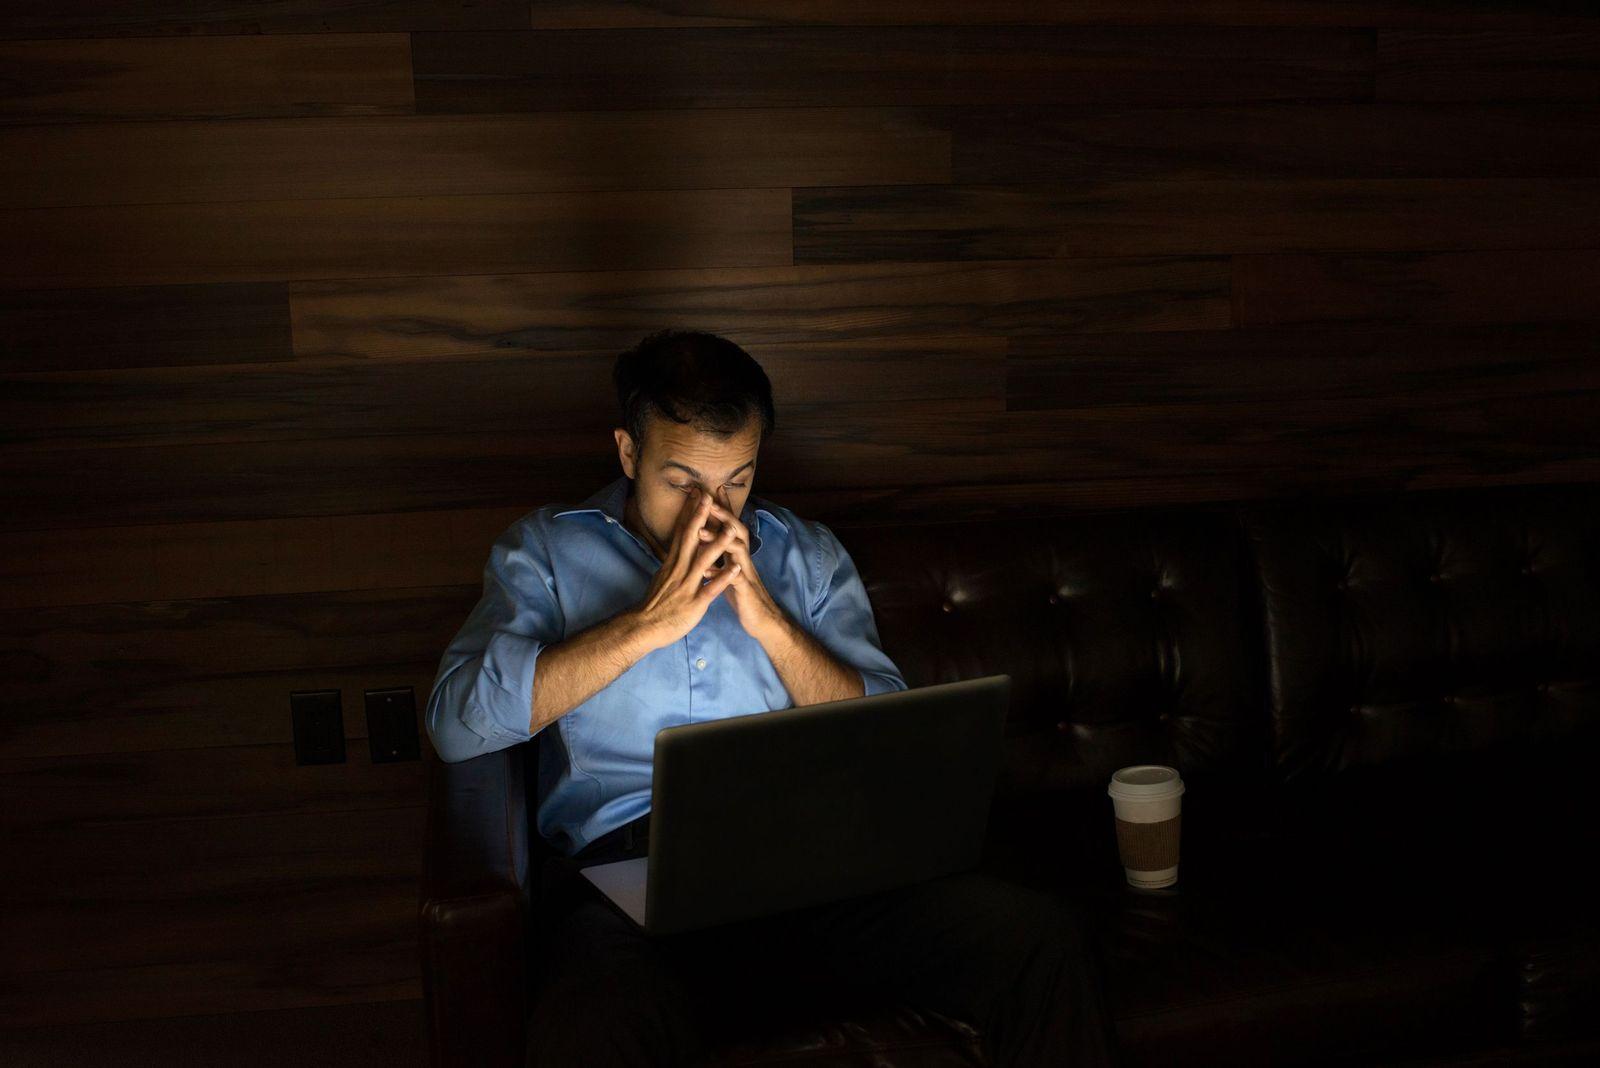 NICHT MEHR VERWENDEN! - Arbeit/ Job/ Stress/ Burnout